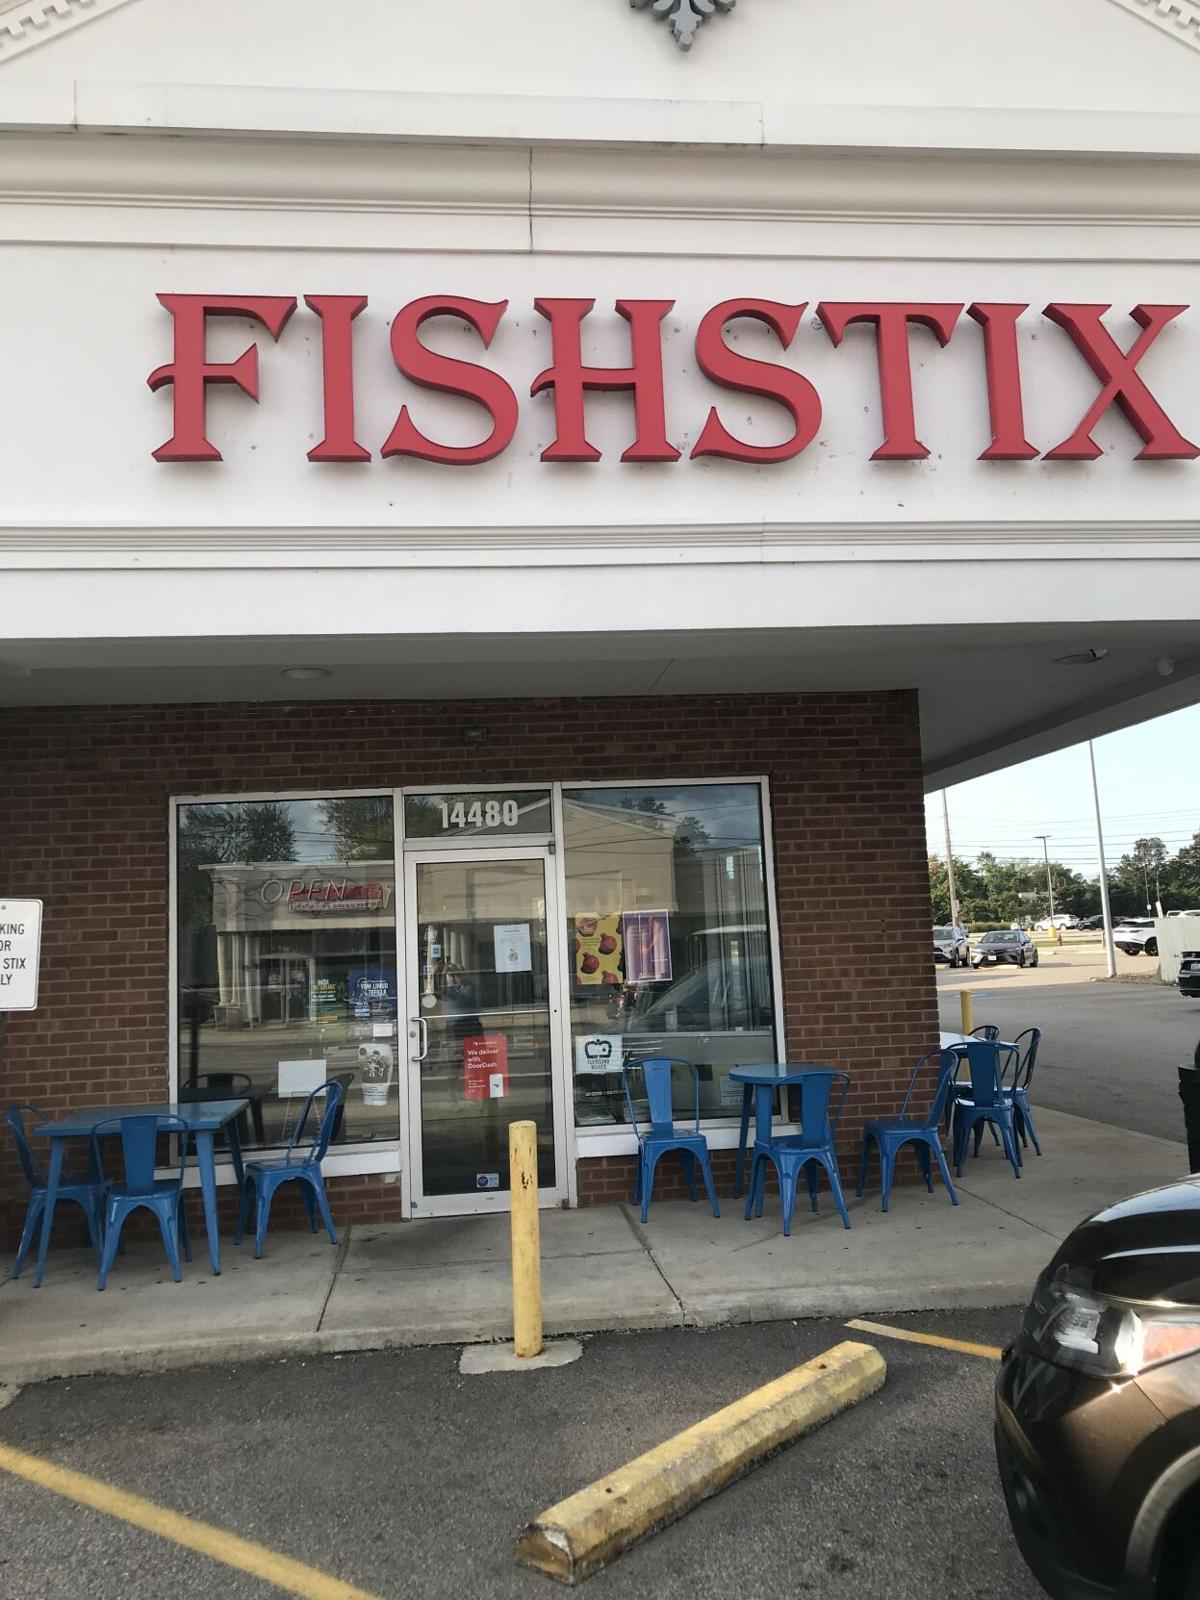 Fishstix